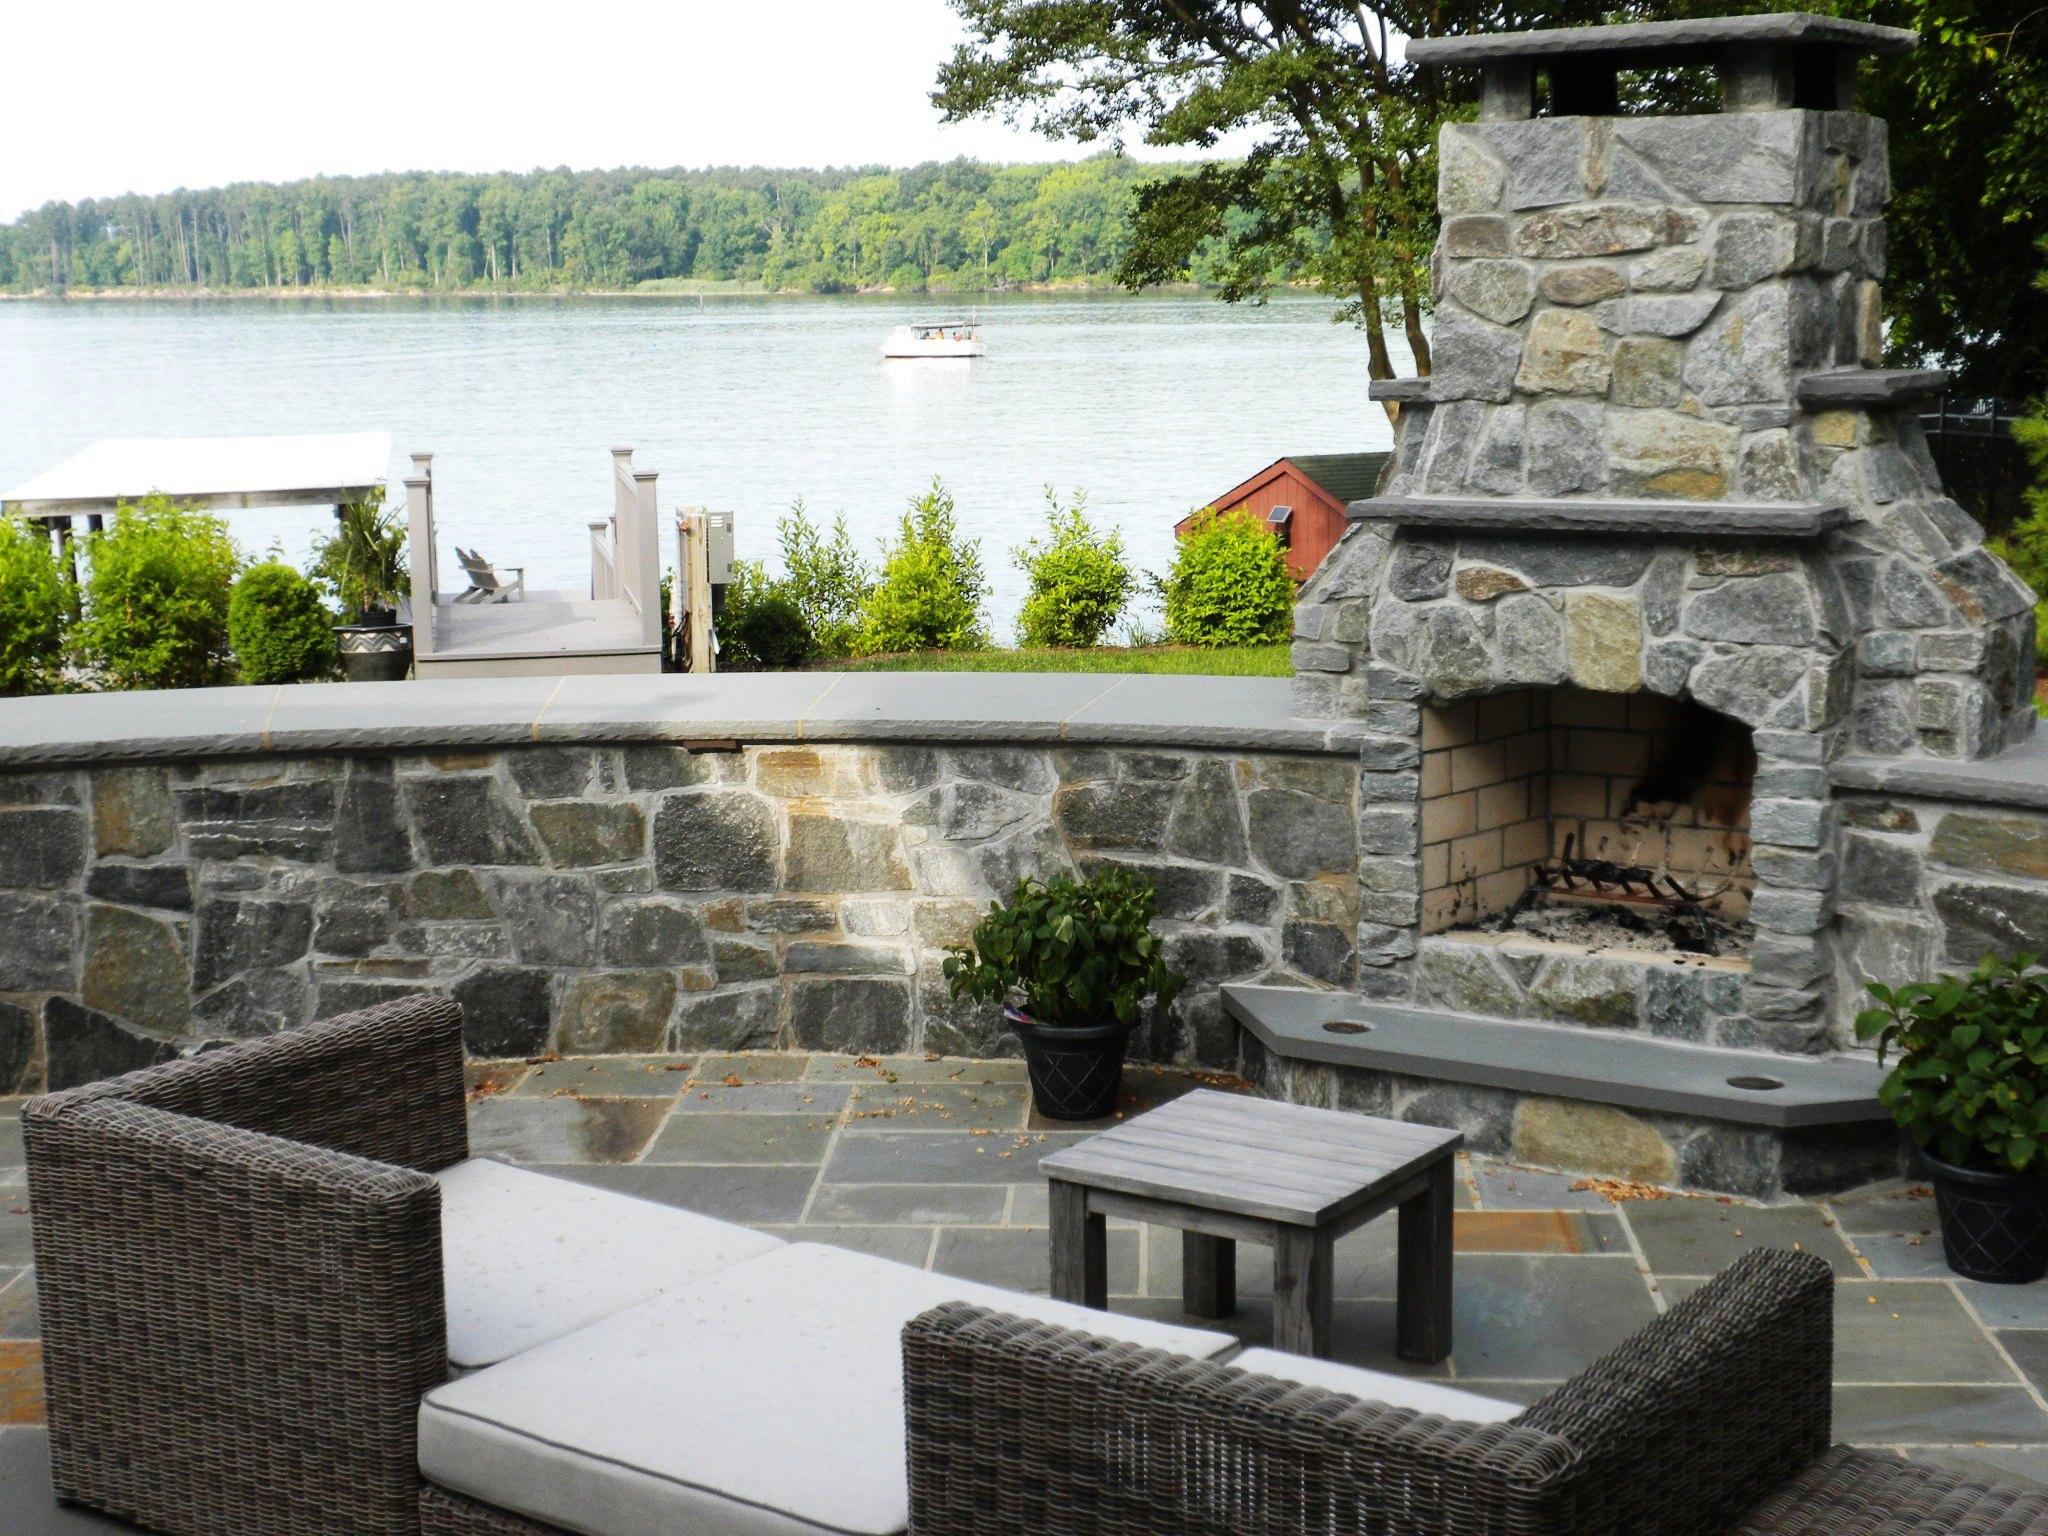 Mayo Fireplace